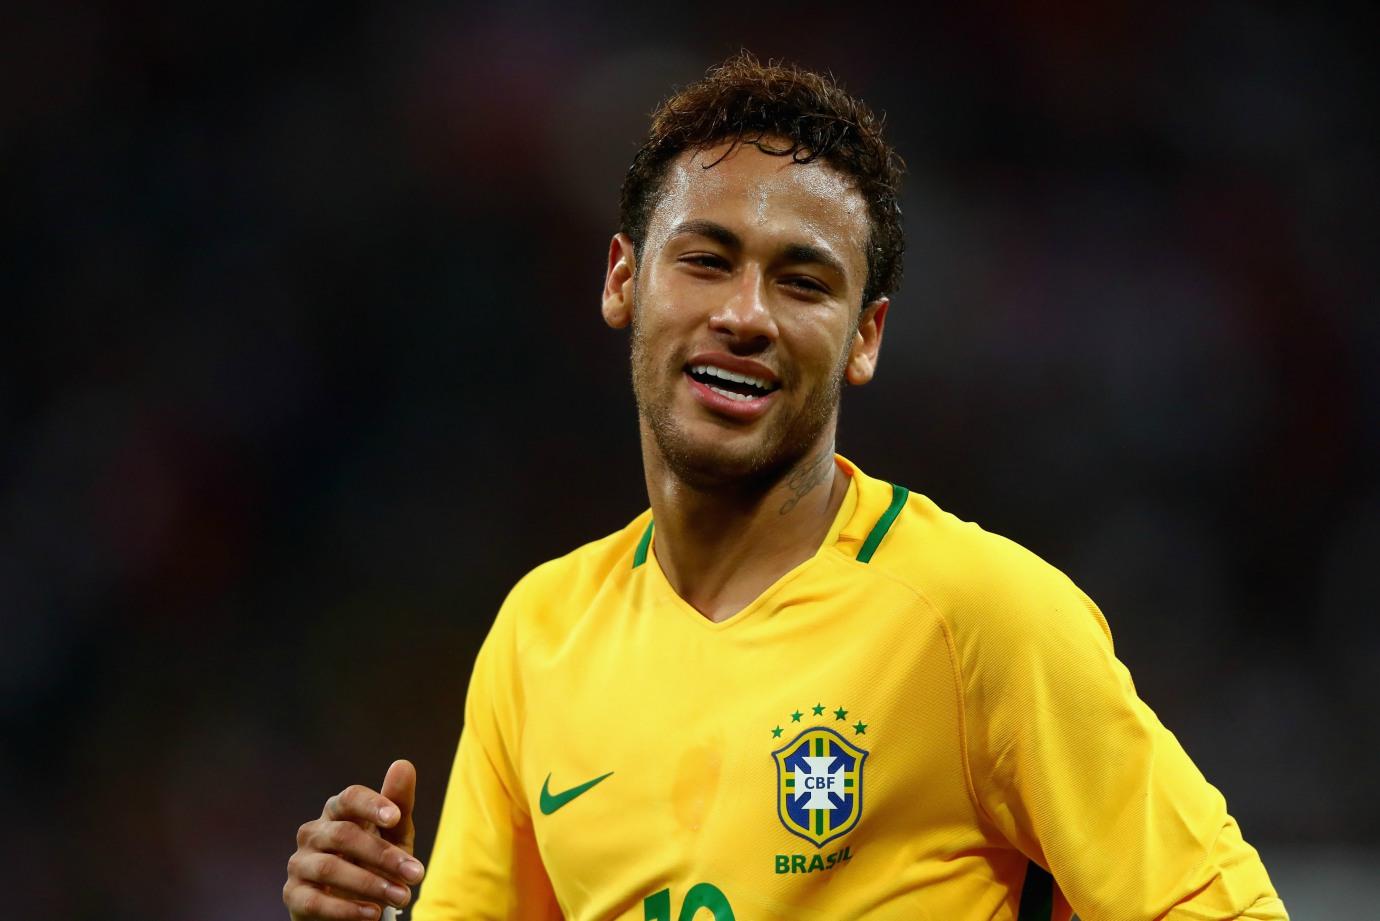 Será que só reconheceremos o valor do Neymar quando ele morrer?